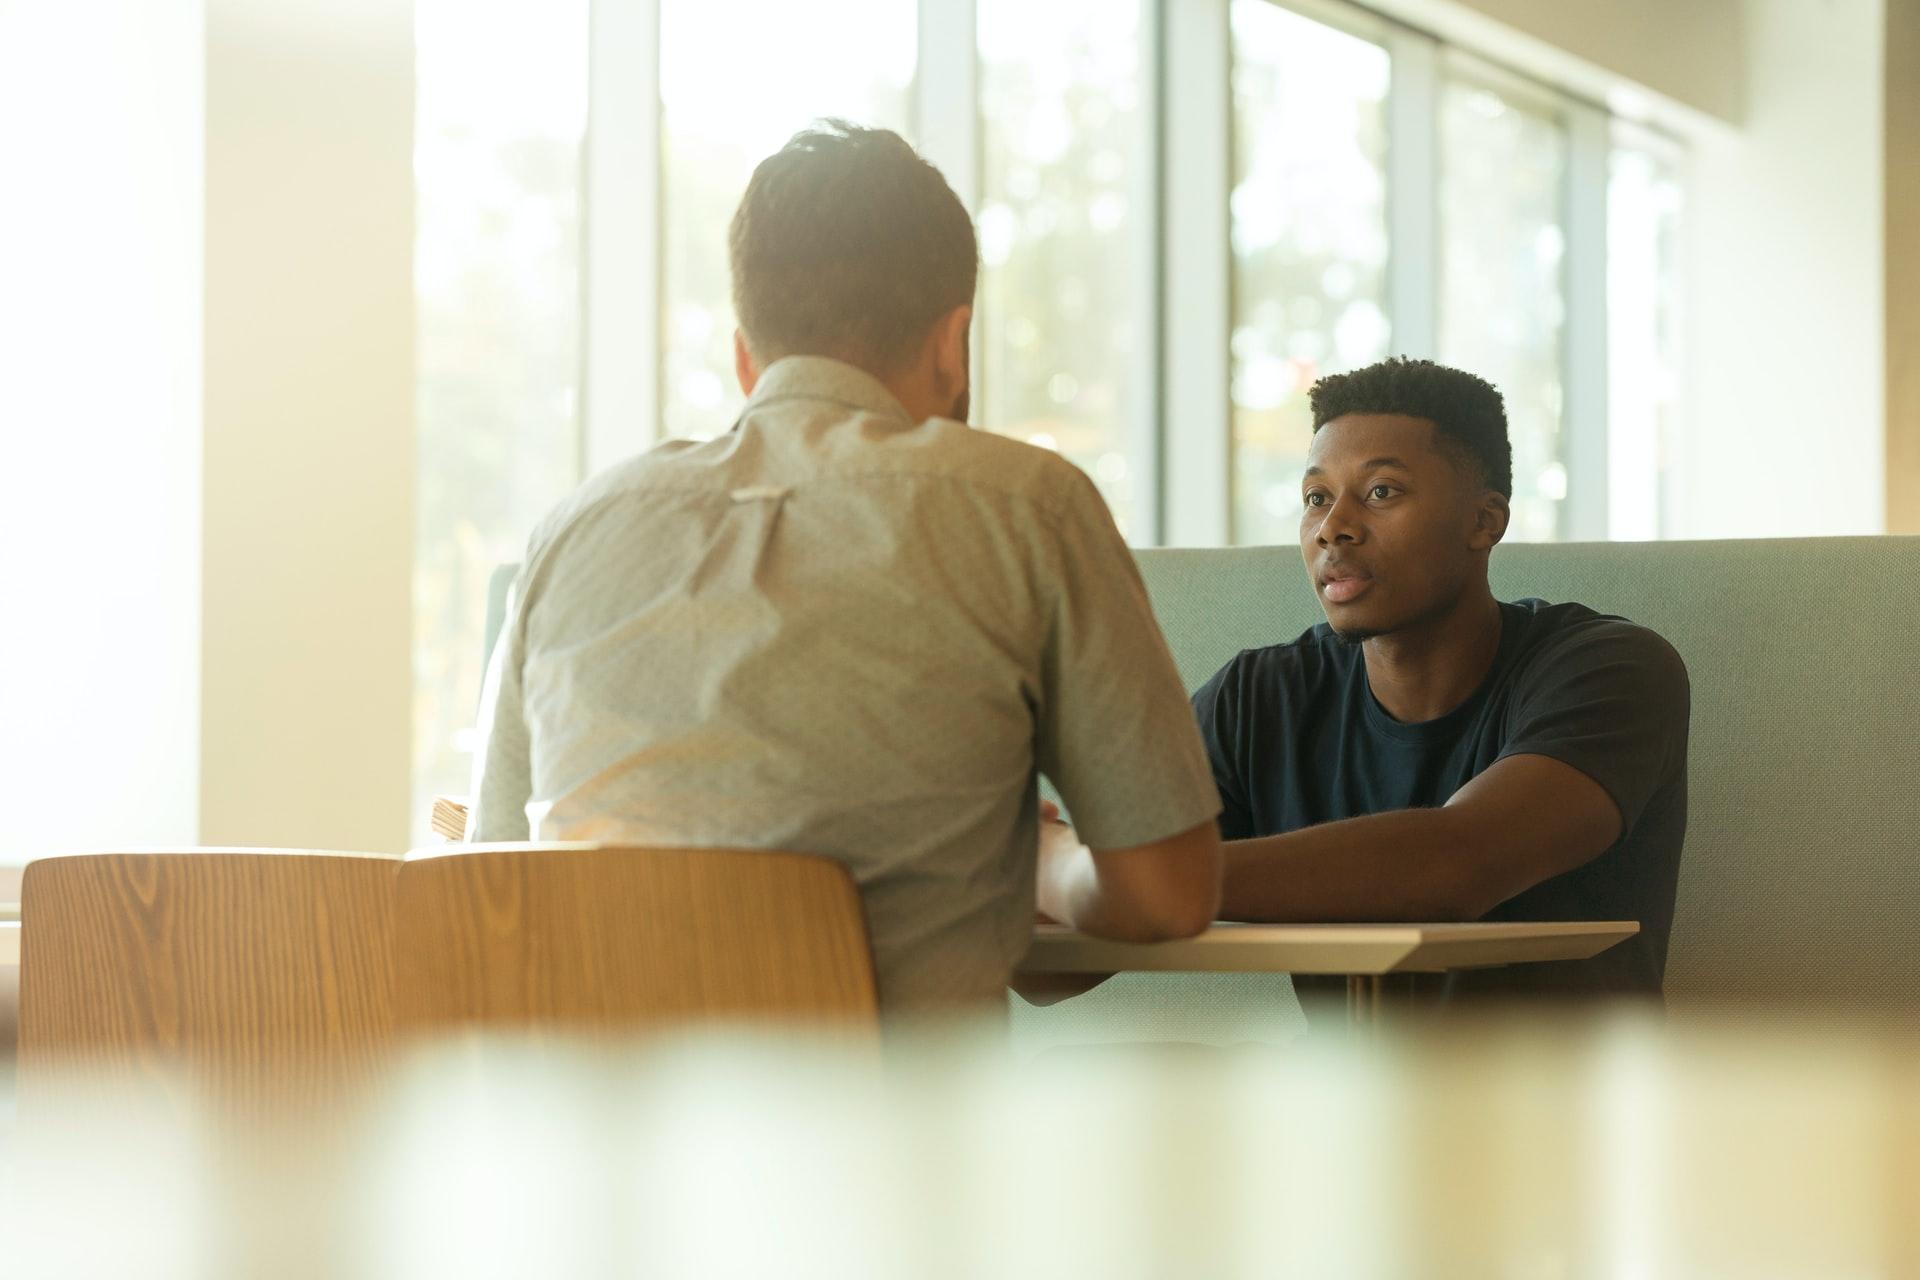 men-talking-in-a-lounge